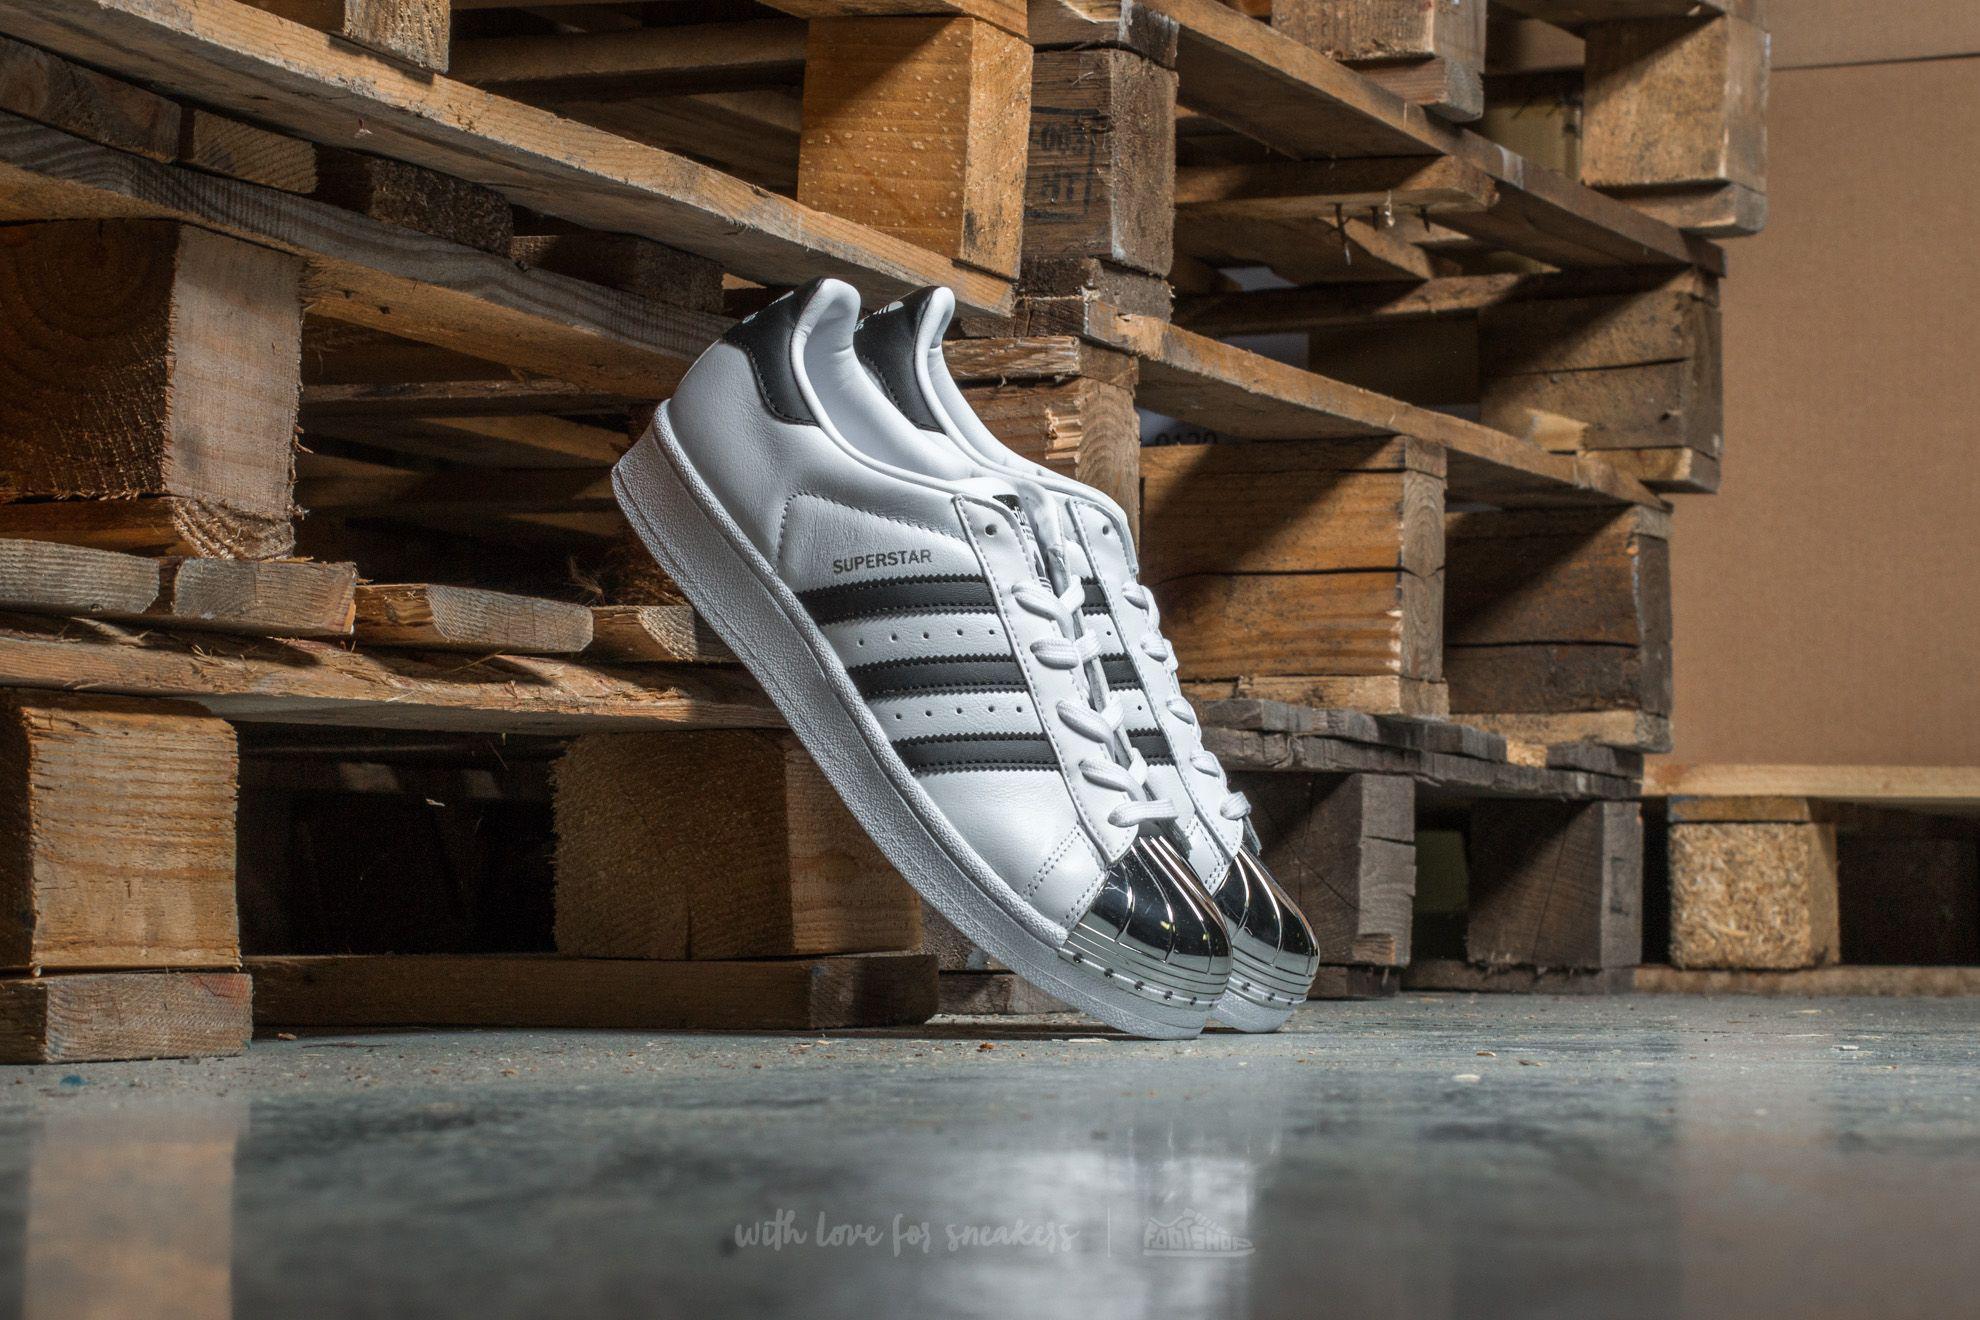 lyst adidas originals adidas superstar aus der w ftw weiße / kern